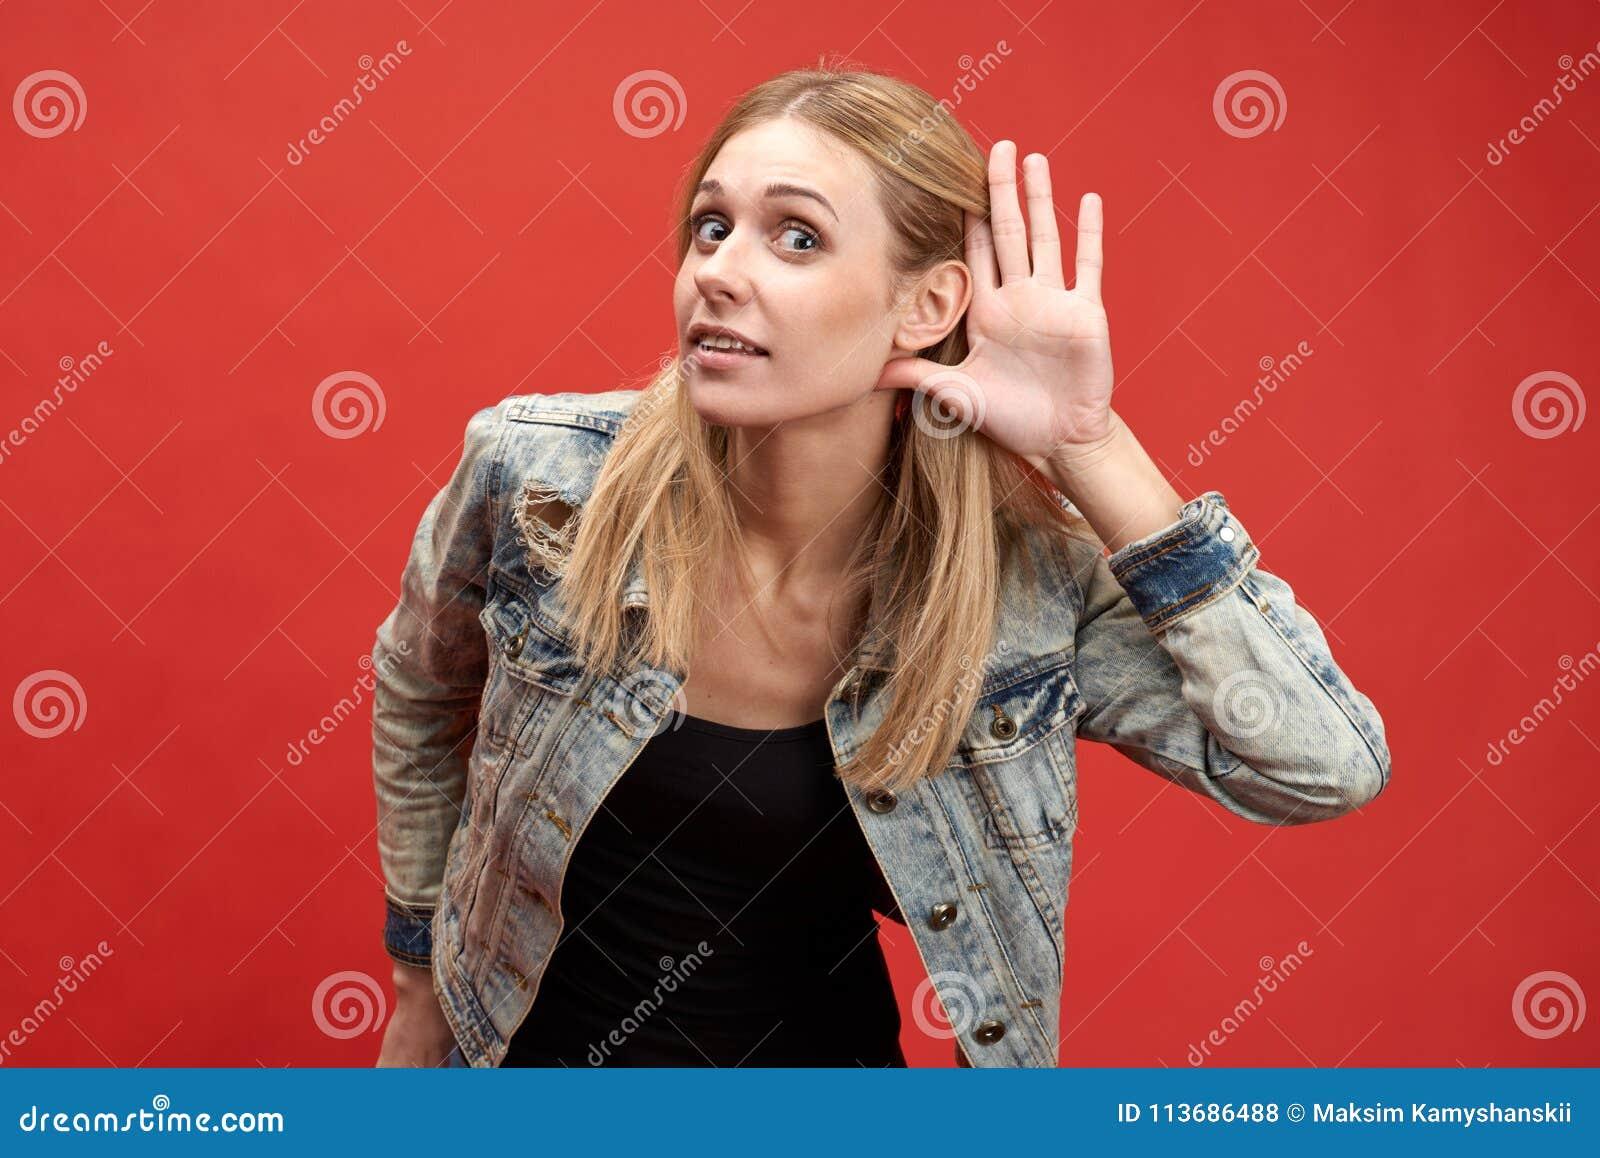 Junge moderne stilvolle Frau setzt malerisch ihre Hand zu ihrem Ohr in ein Zeichen aufmerksam von hören oder von Heimlich zuhören